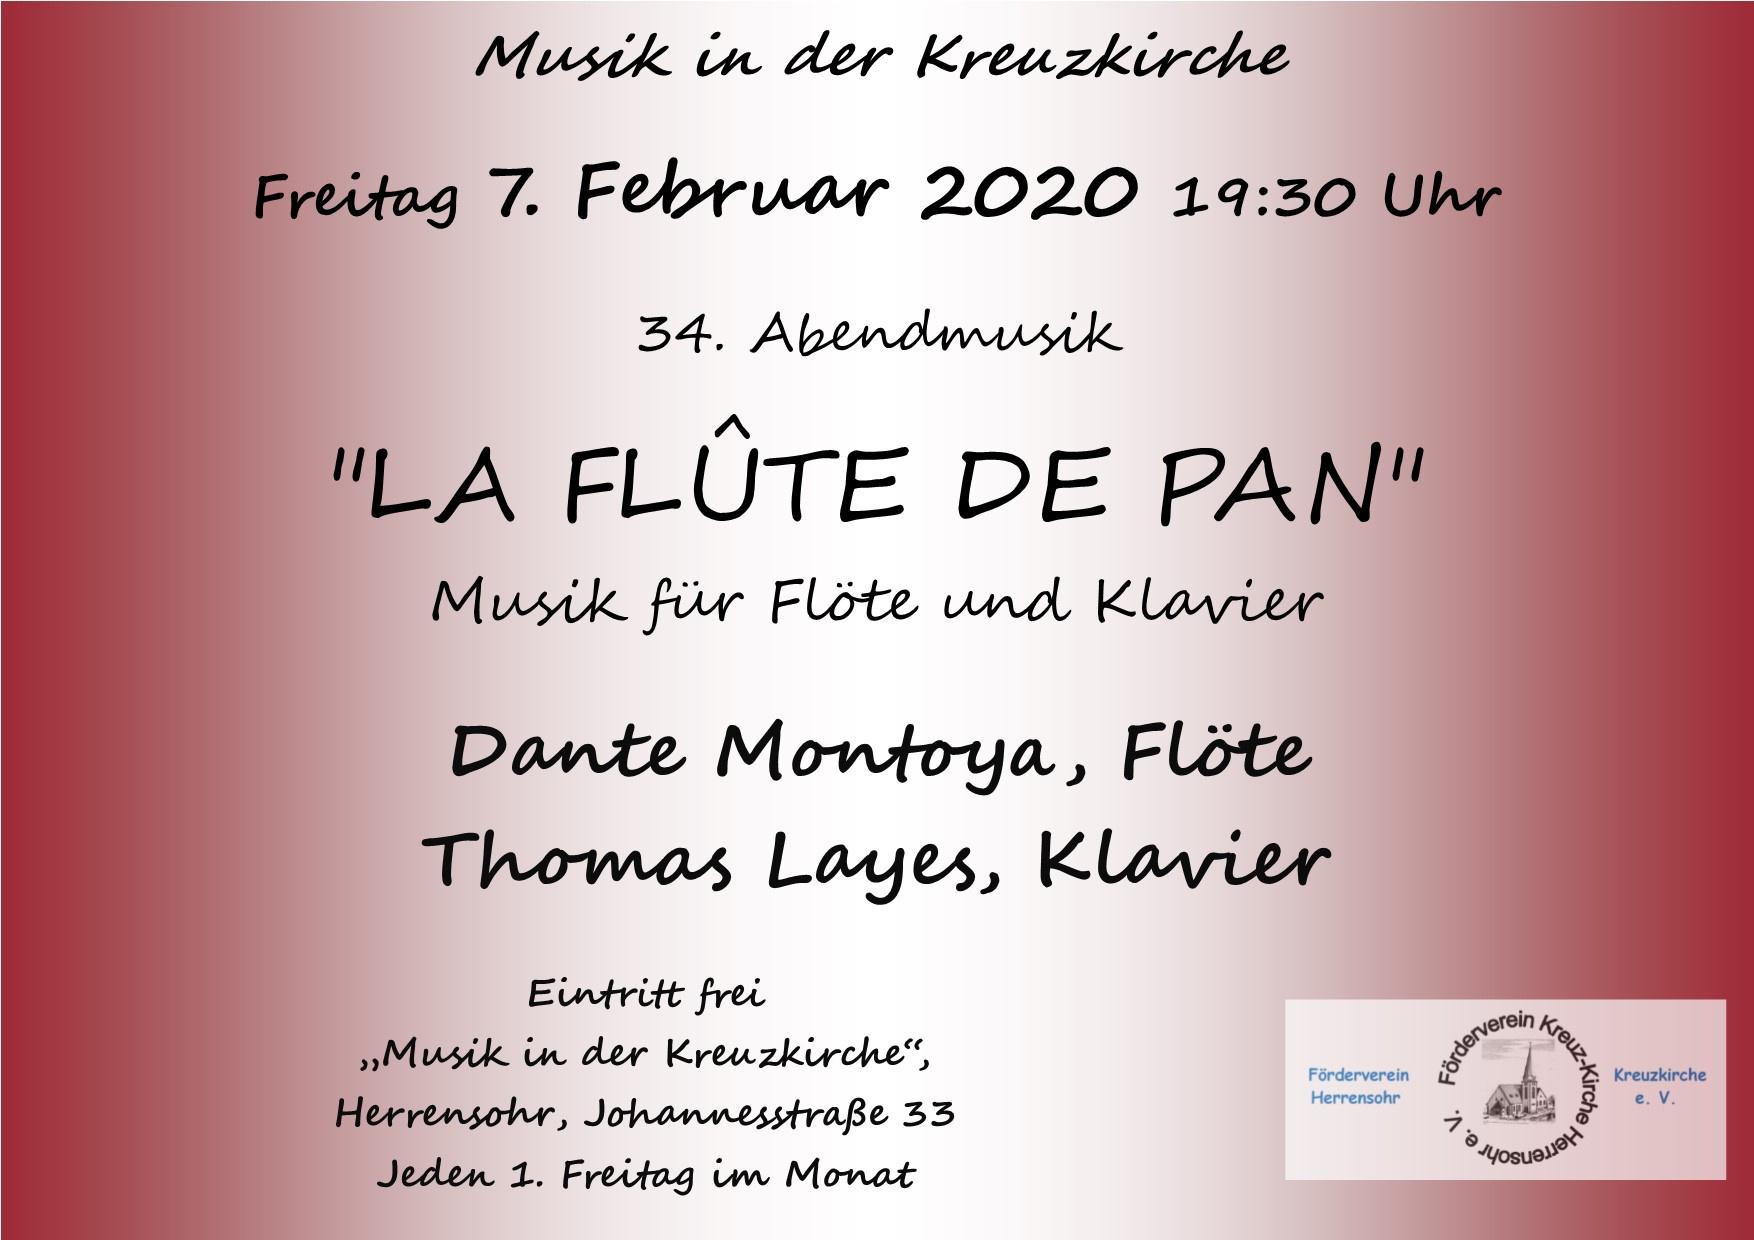 'LA FLÛTE DE PAN' - Musik für Flöte und Klavier